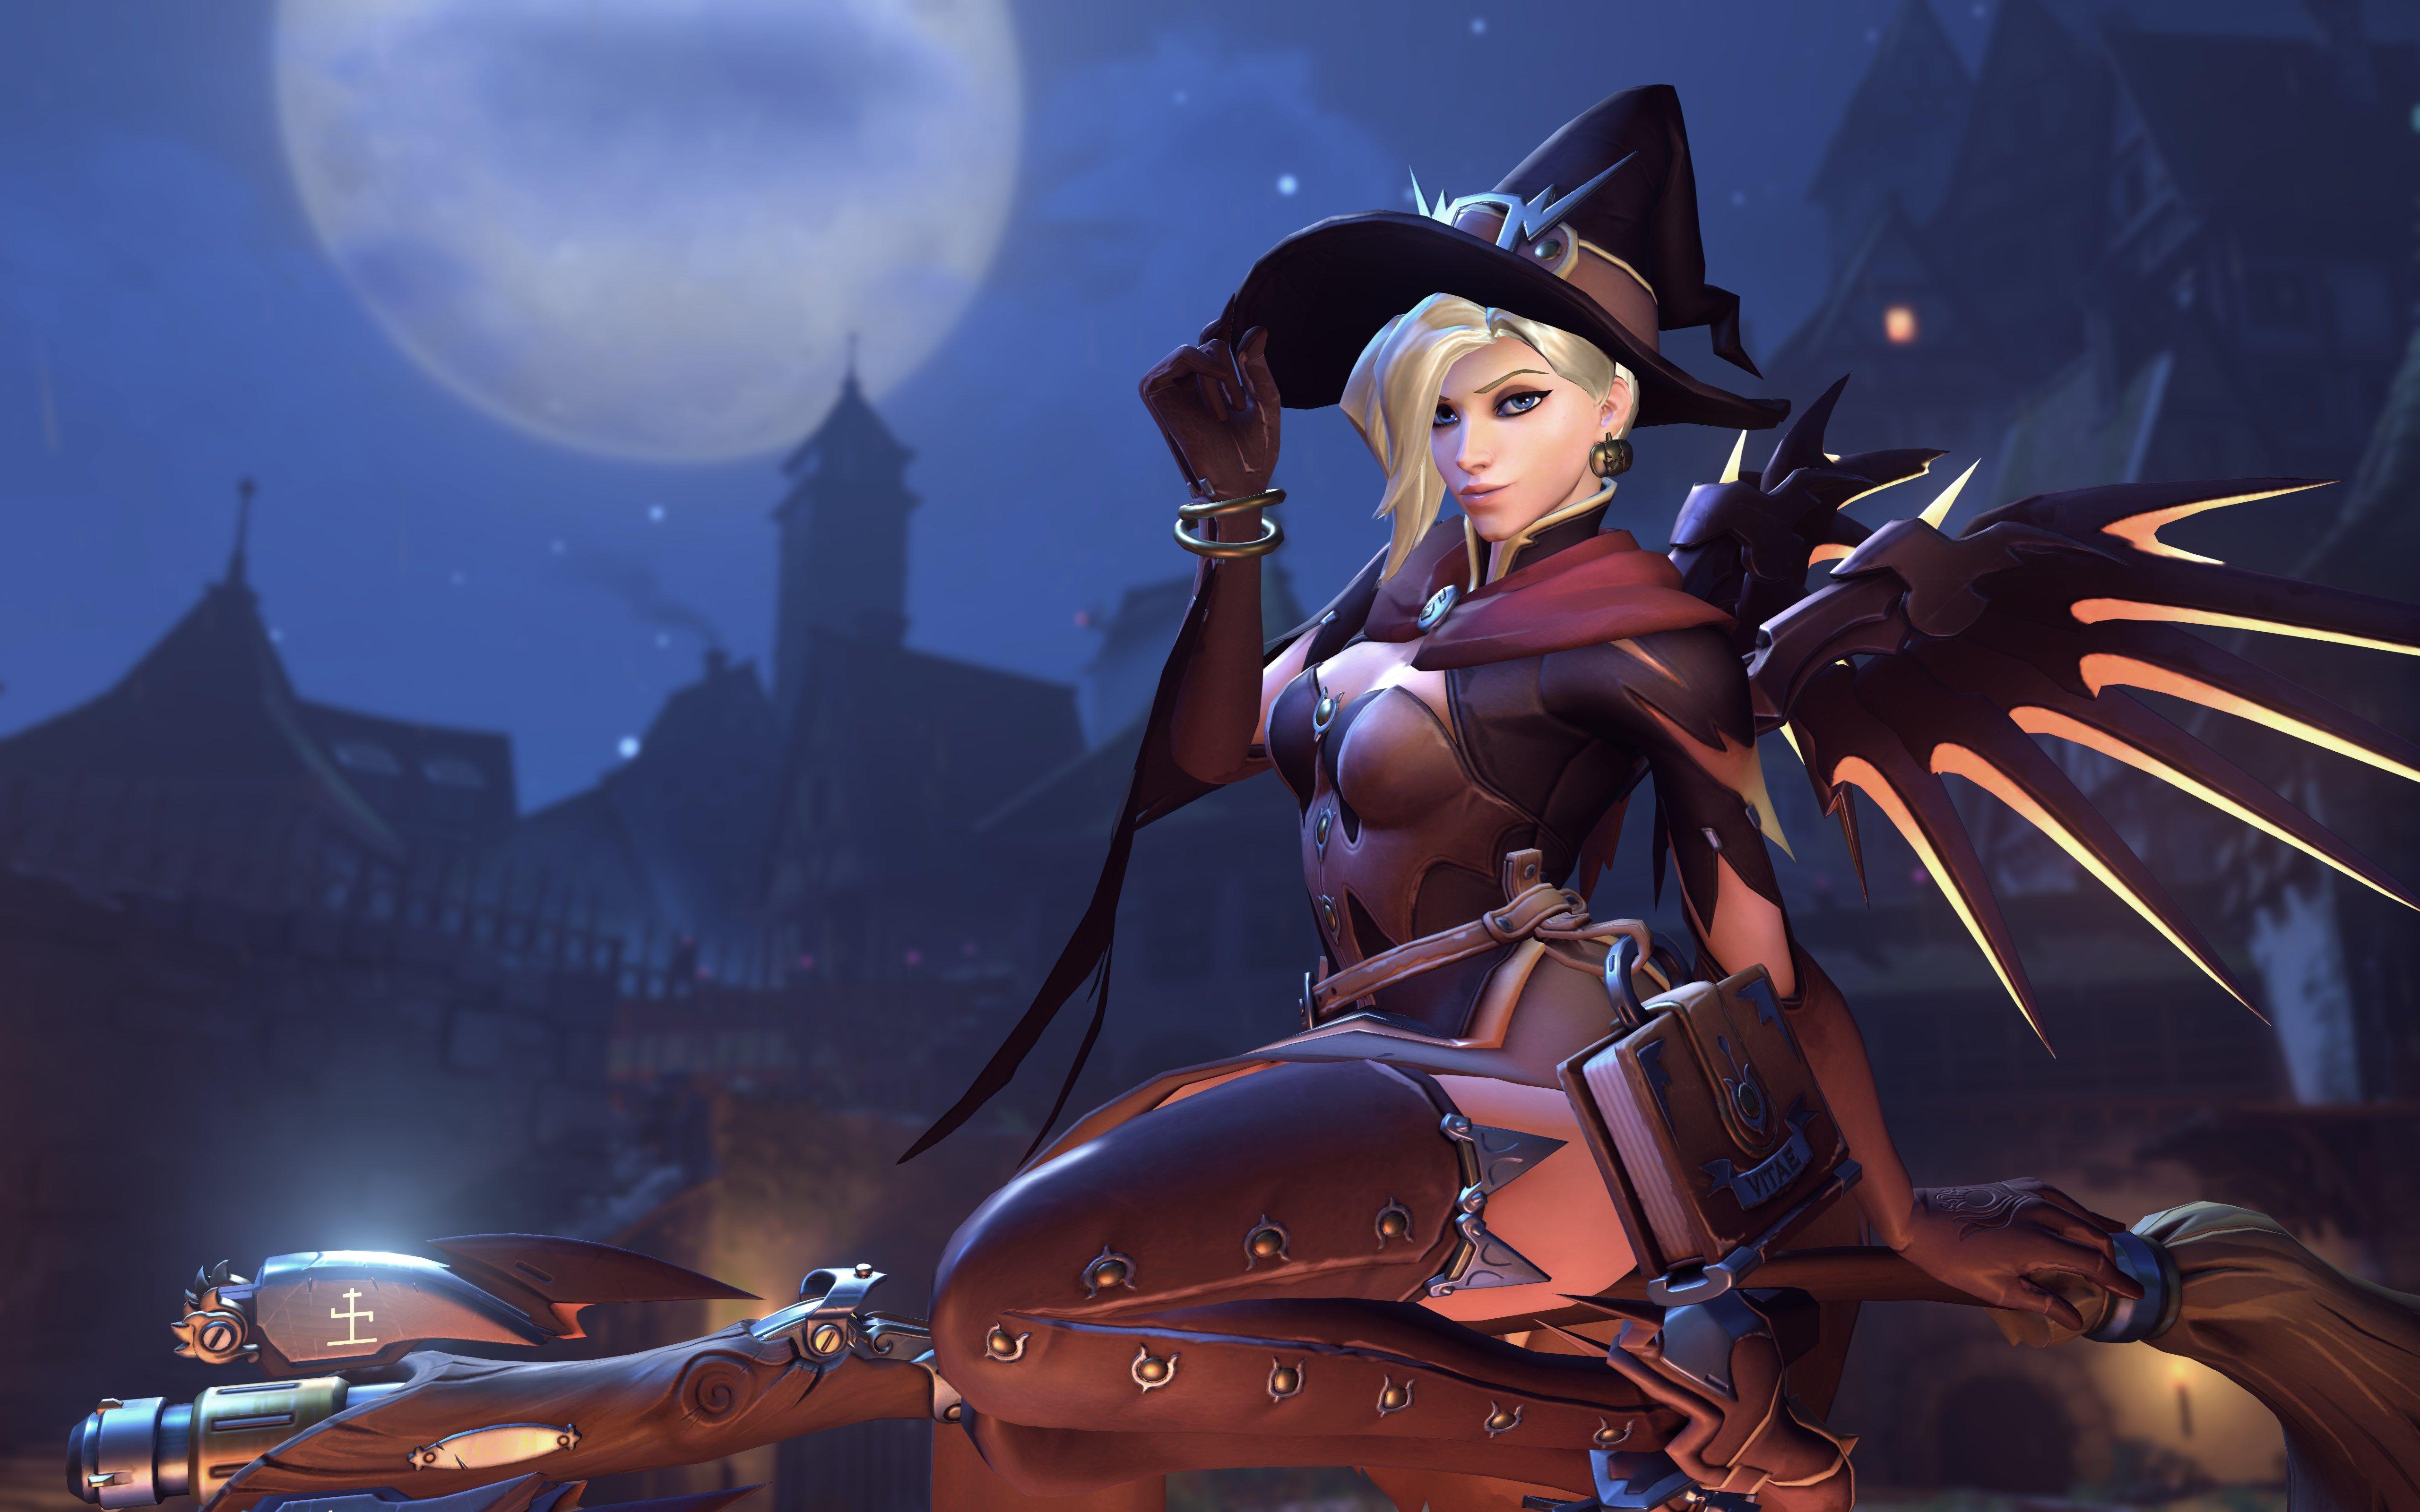 Overwatch Halloween Wallpaper 2020 Video Game Overwatch Halloween Mercy (Overwatch) Wallpaper in 2020